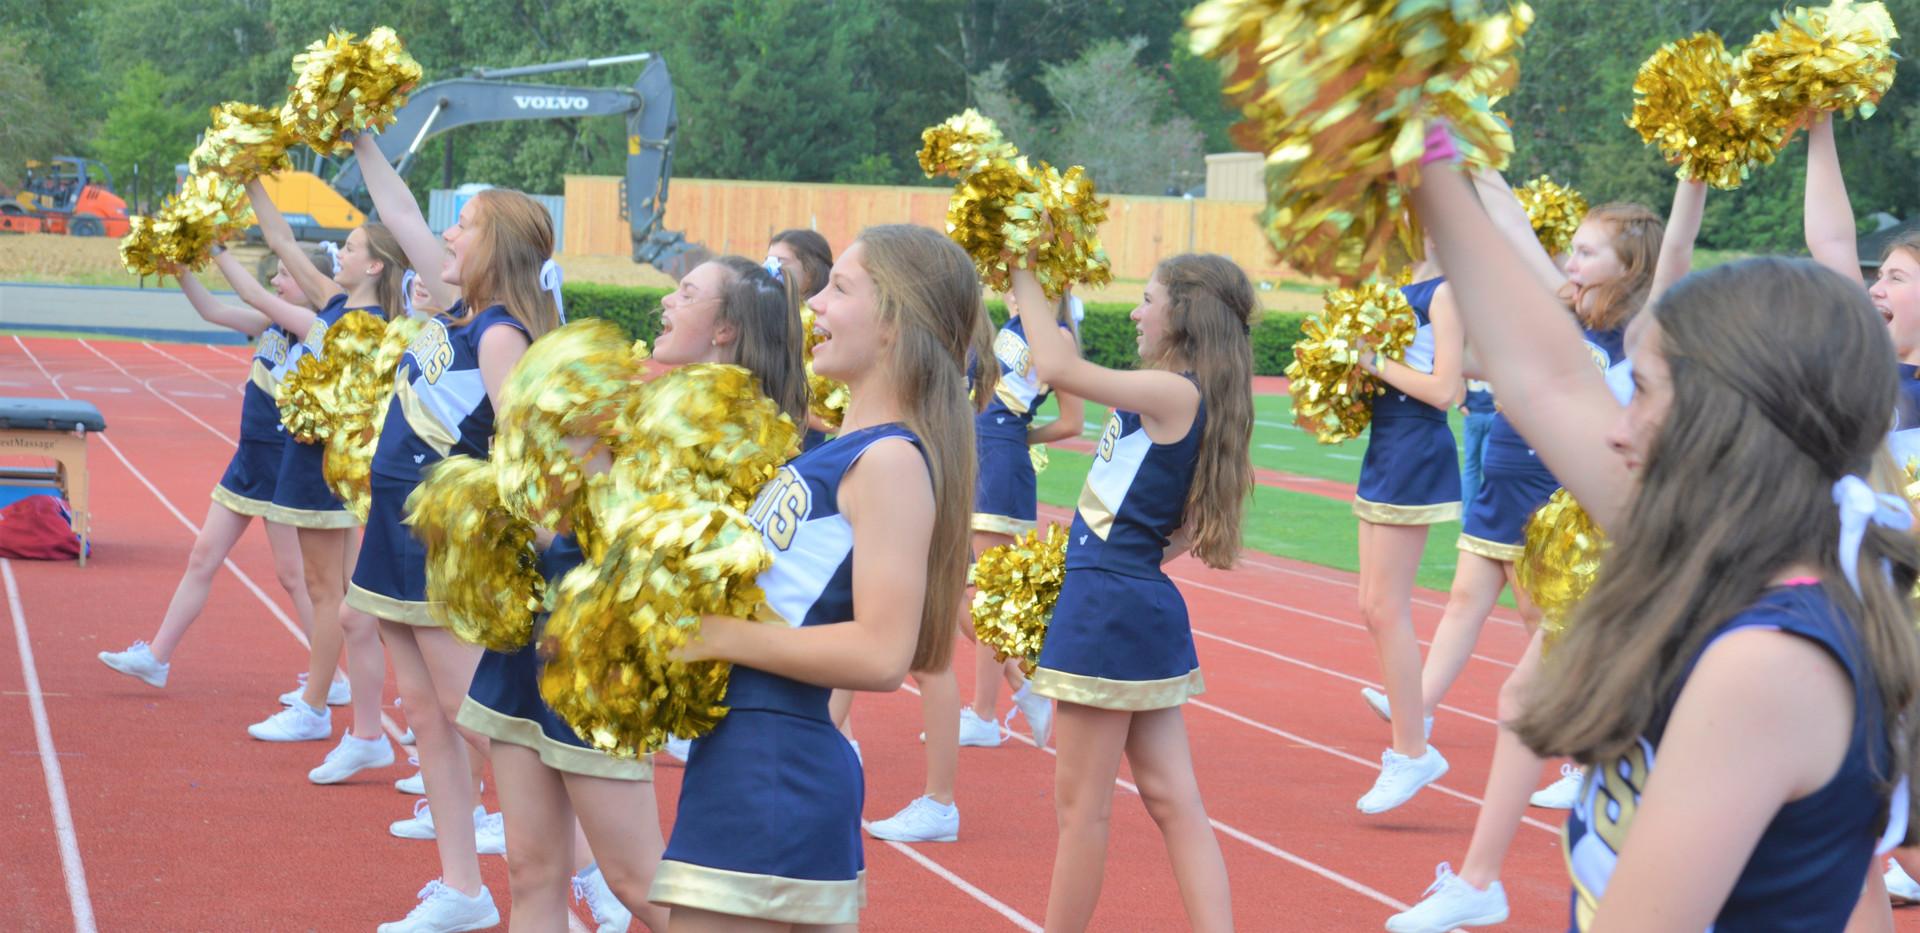 Margaret  MS cheerleaders group. jpg.JPG